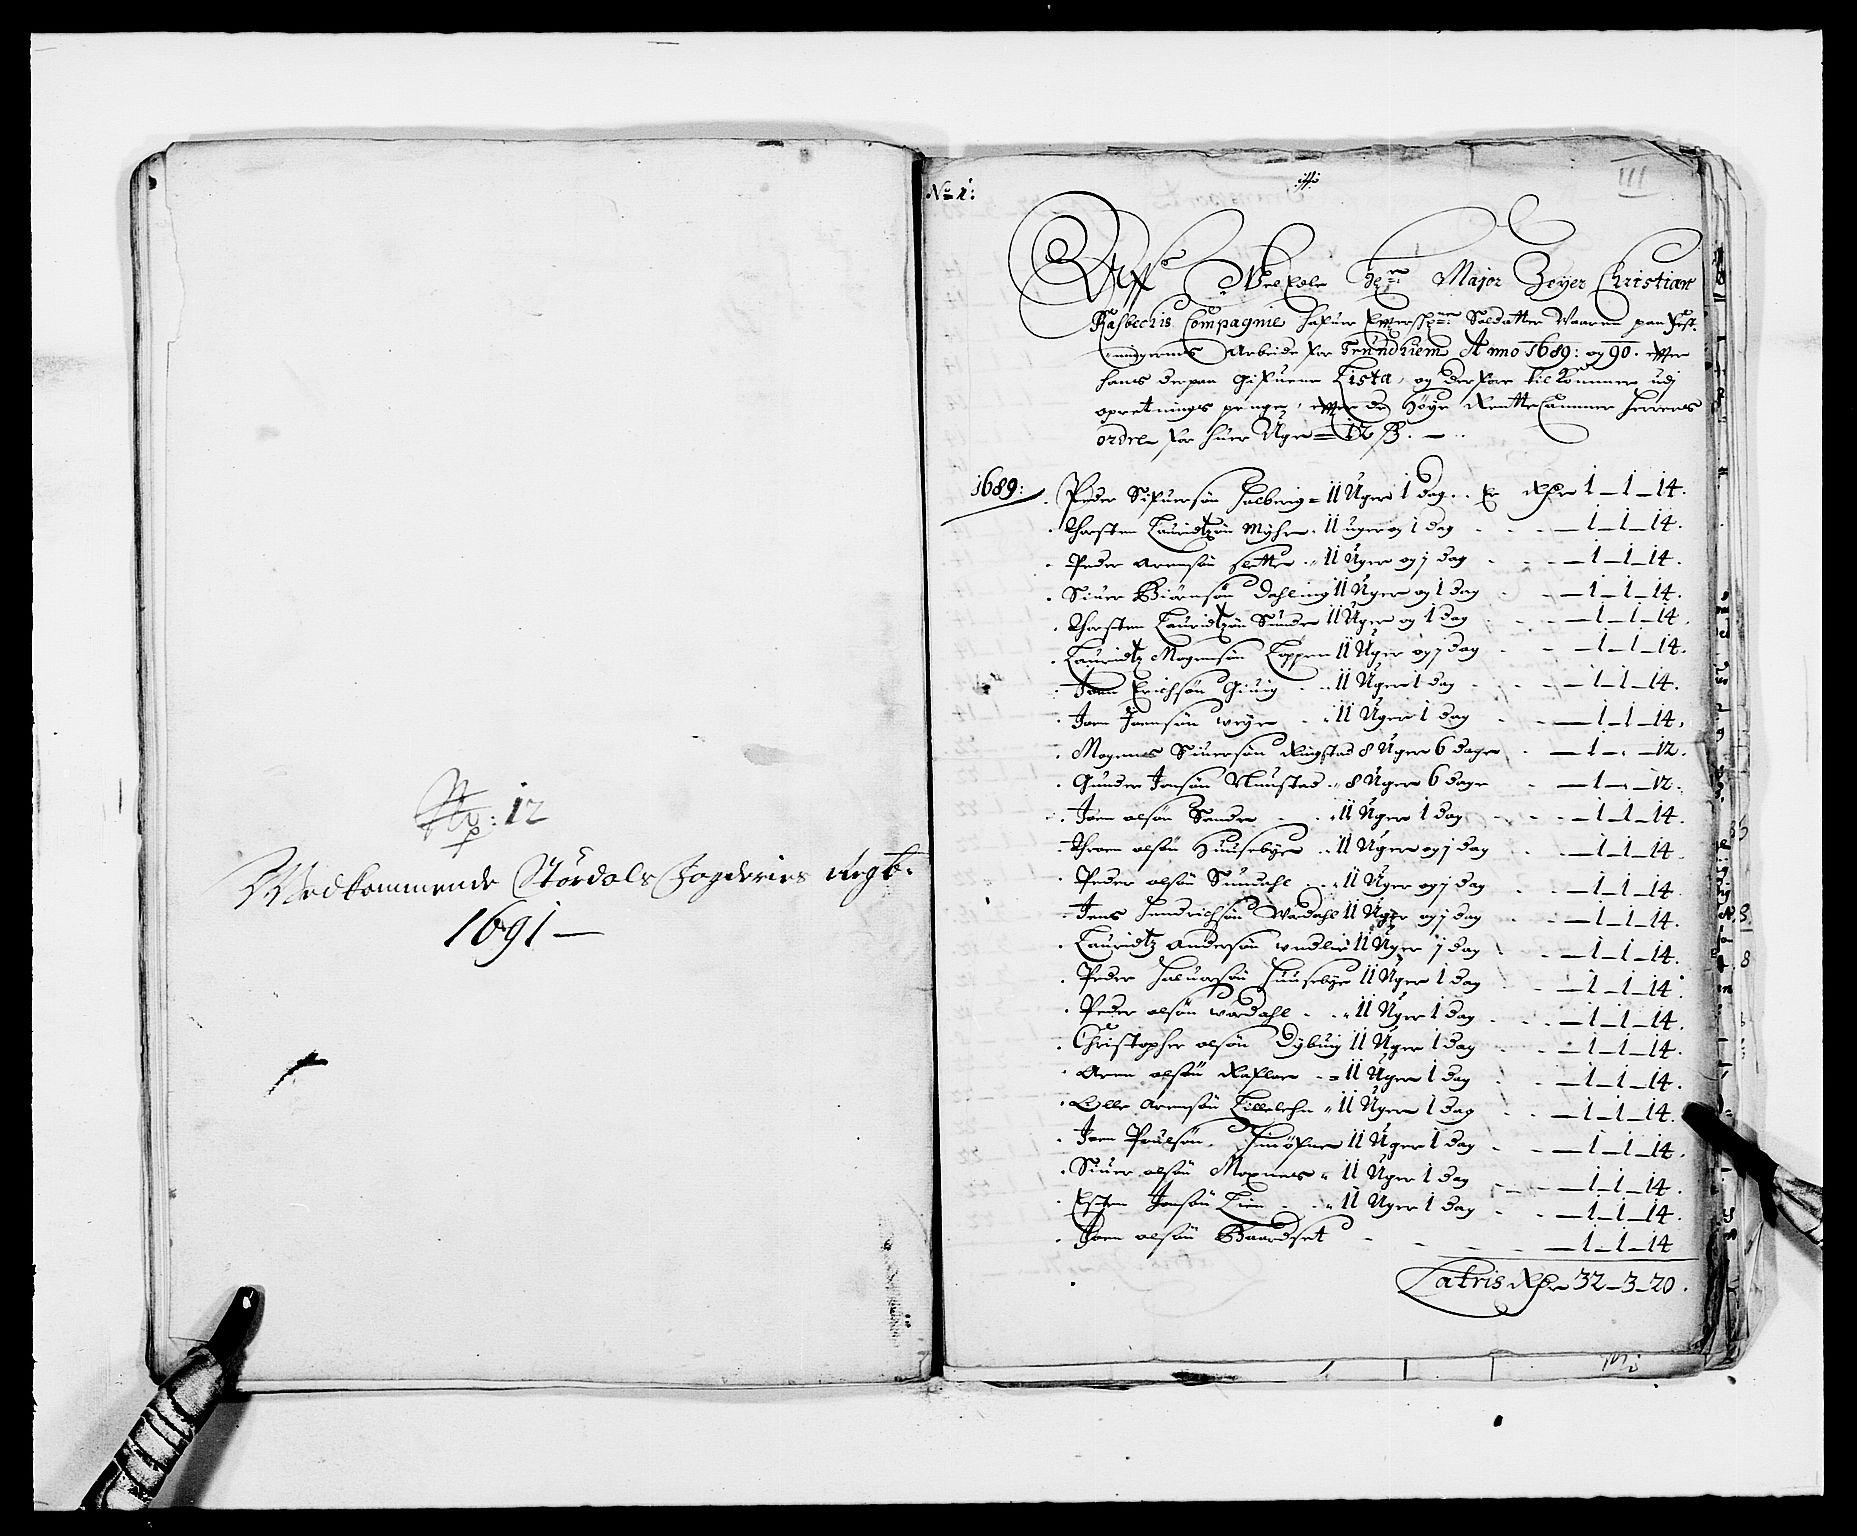 RA, Rentekammeret inntil 1814, Reviderte regnskaper, Fogderegnskap, R62/L4184: Fogderegnskap Stjørdal og Verdal, 1690-1691, s. 461